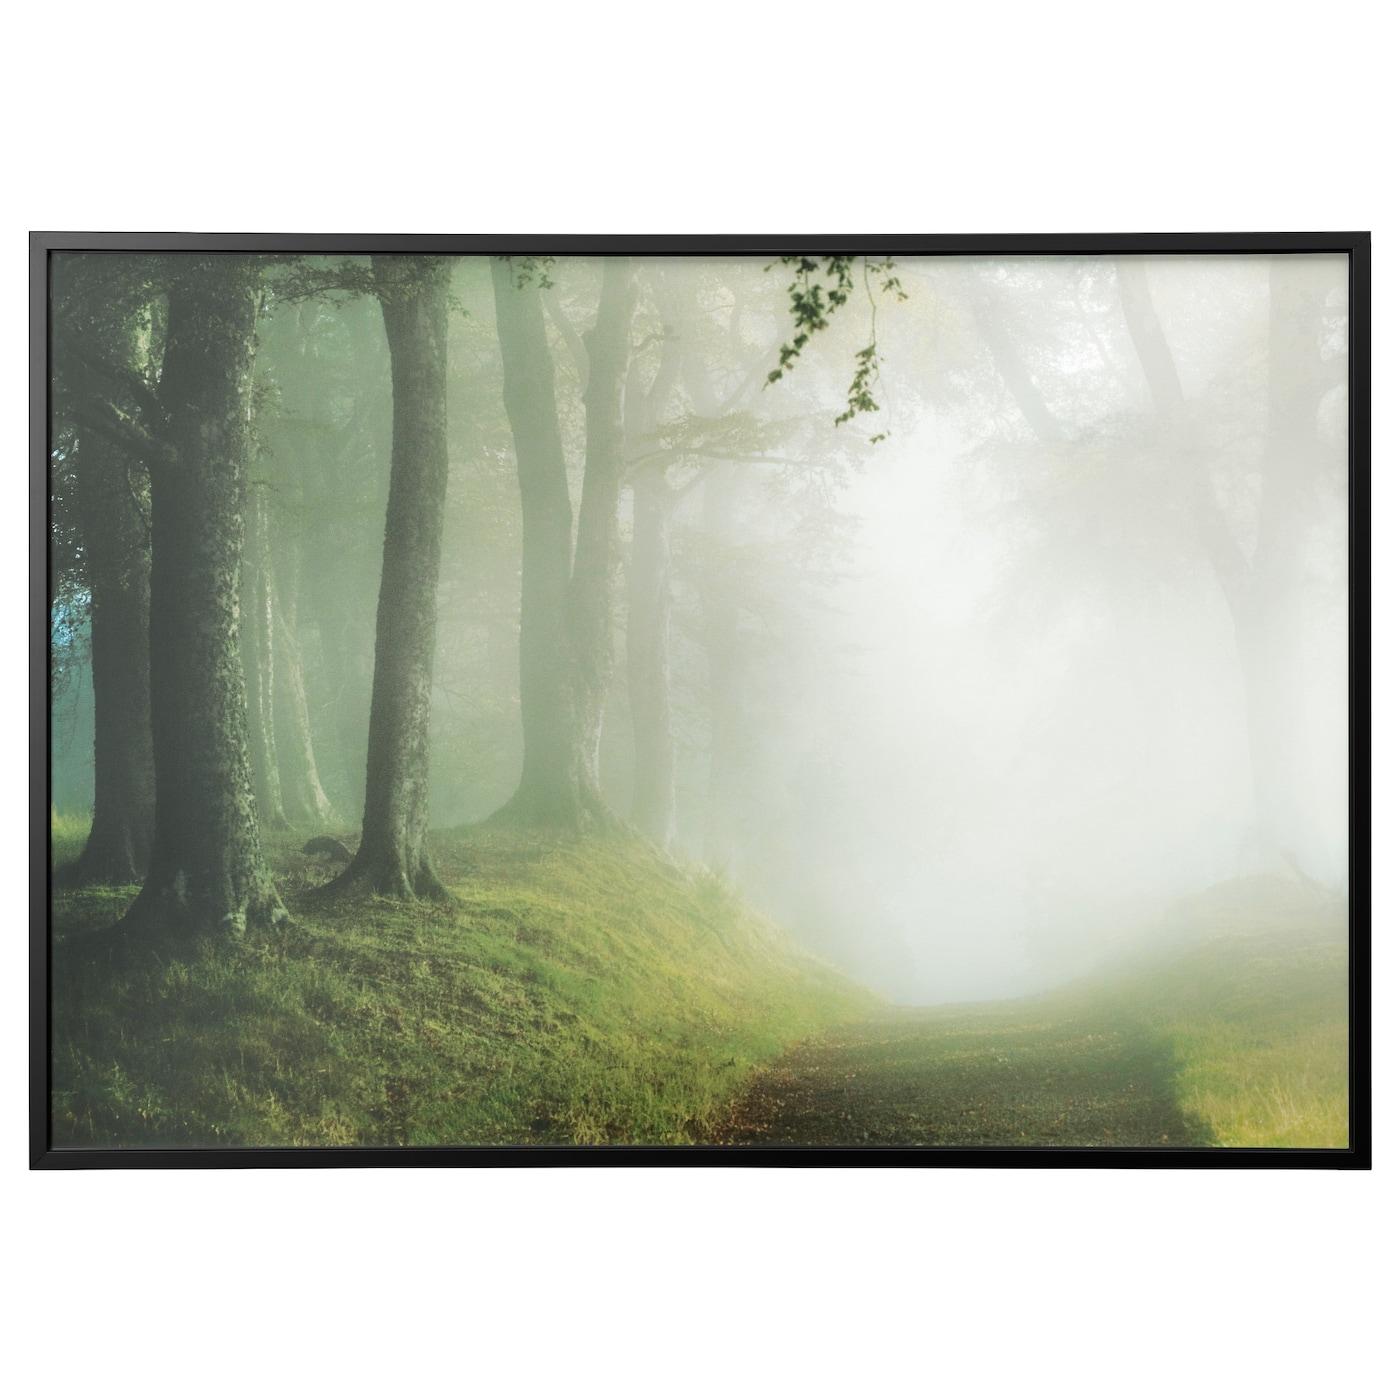 bj rksta picture with frame woodland way black 200x140 cm ikea. Black Bedroom Furniture Sets. Home Design Ideas